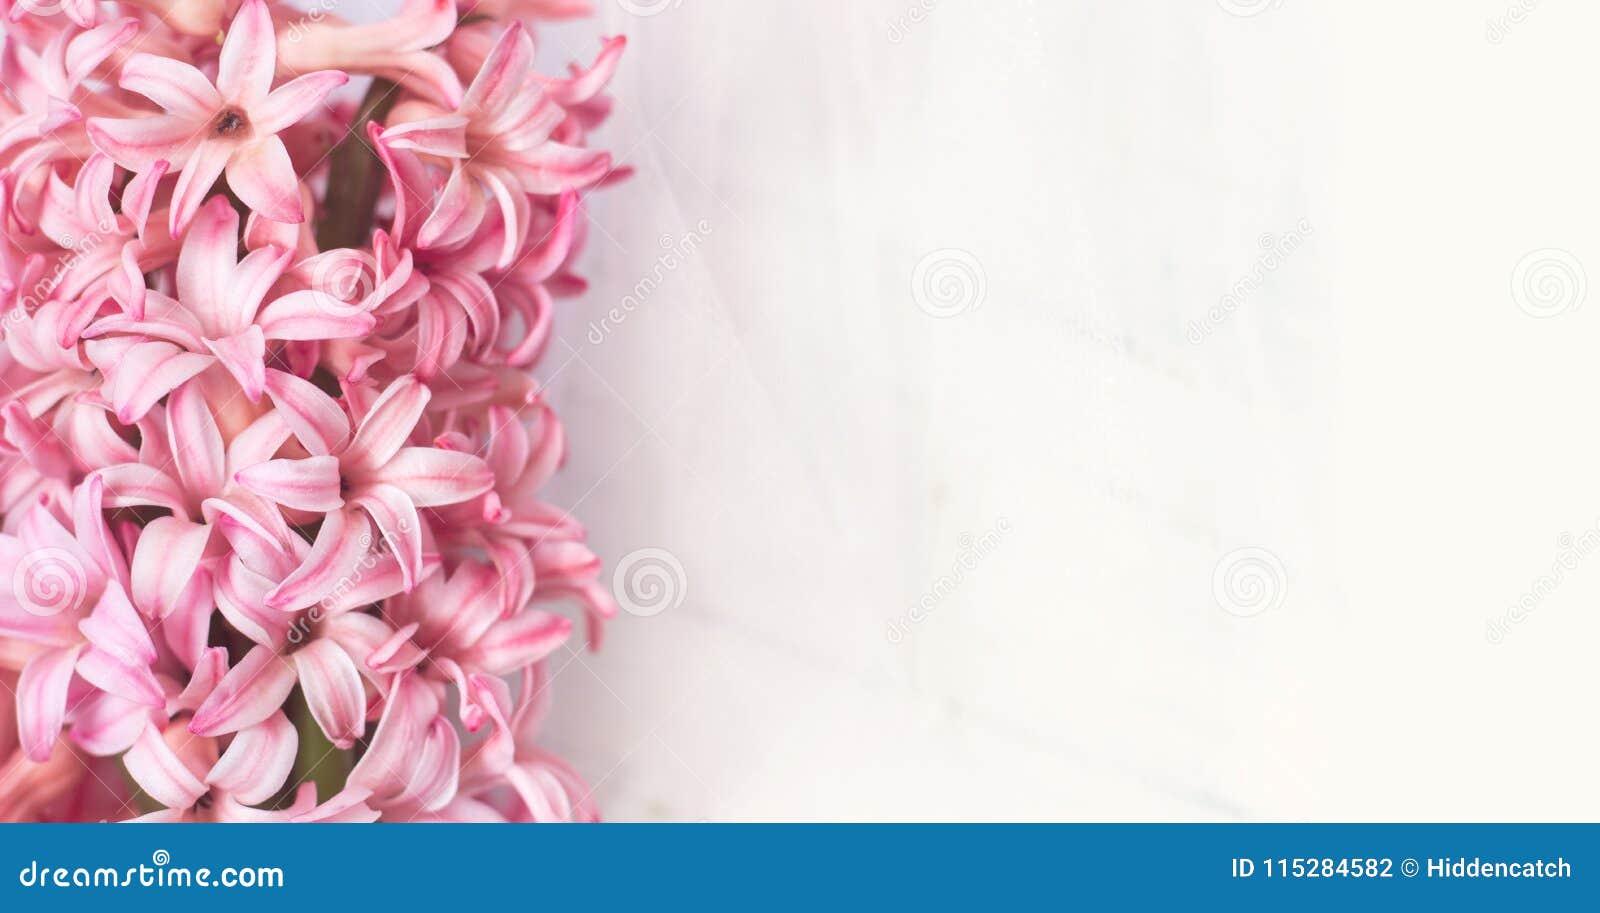 La jacinthe rose fleurit sur le fond blanc, avec l espace de copie pour y